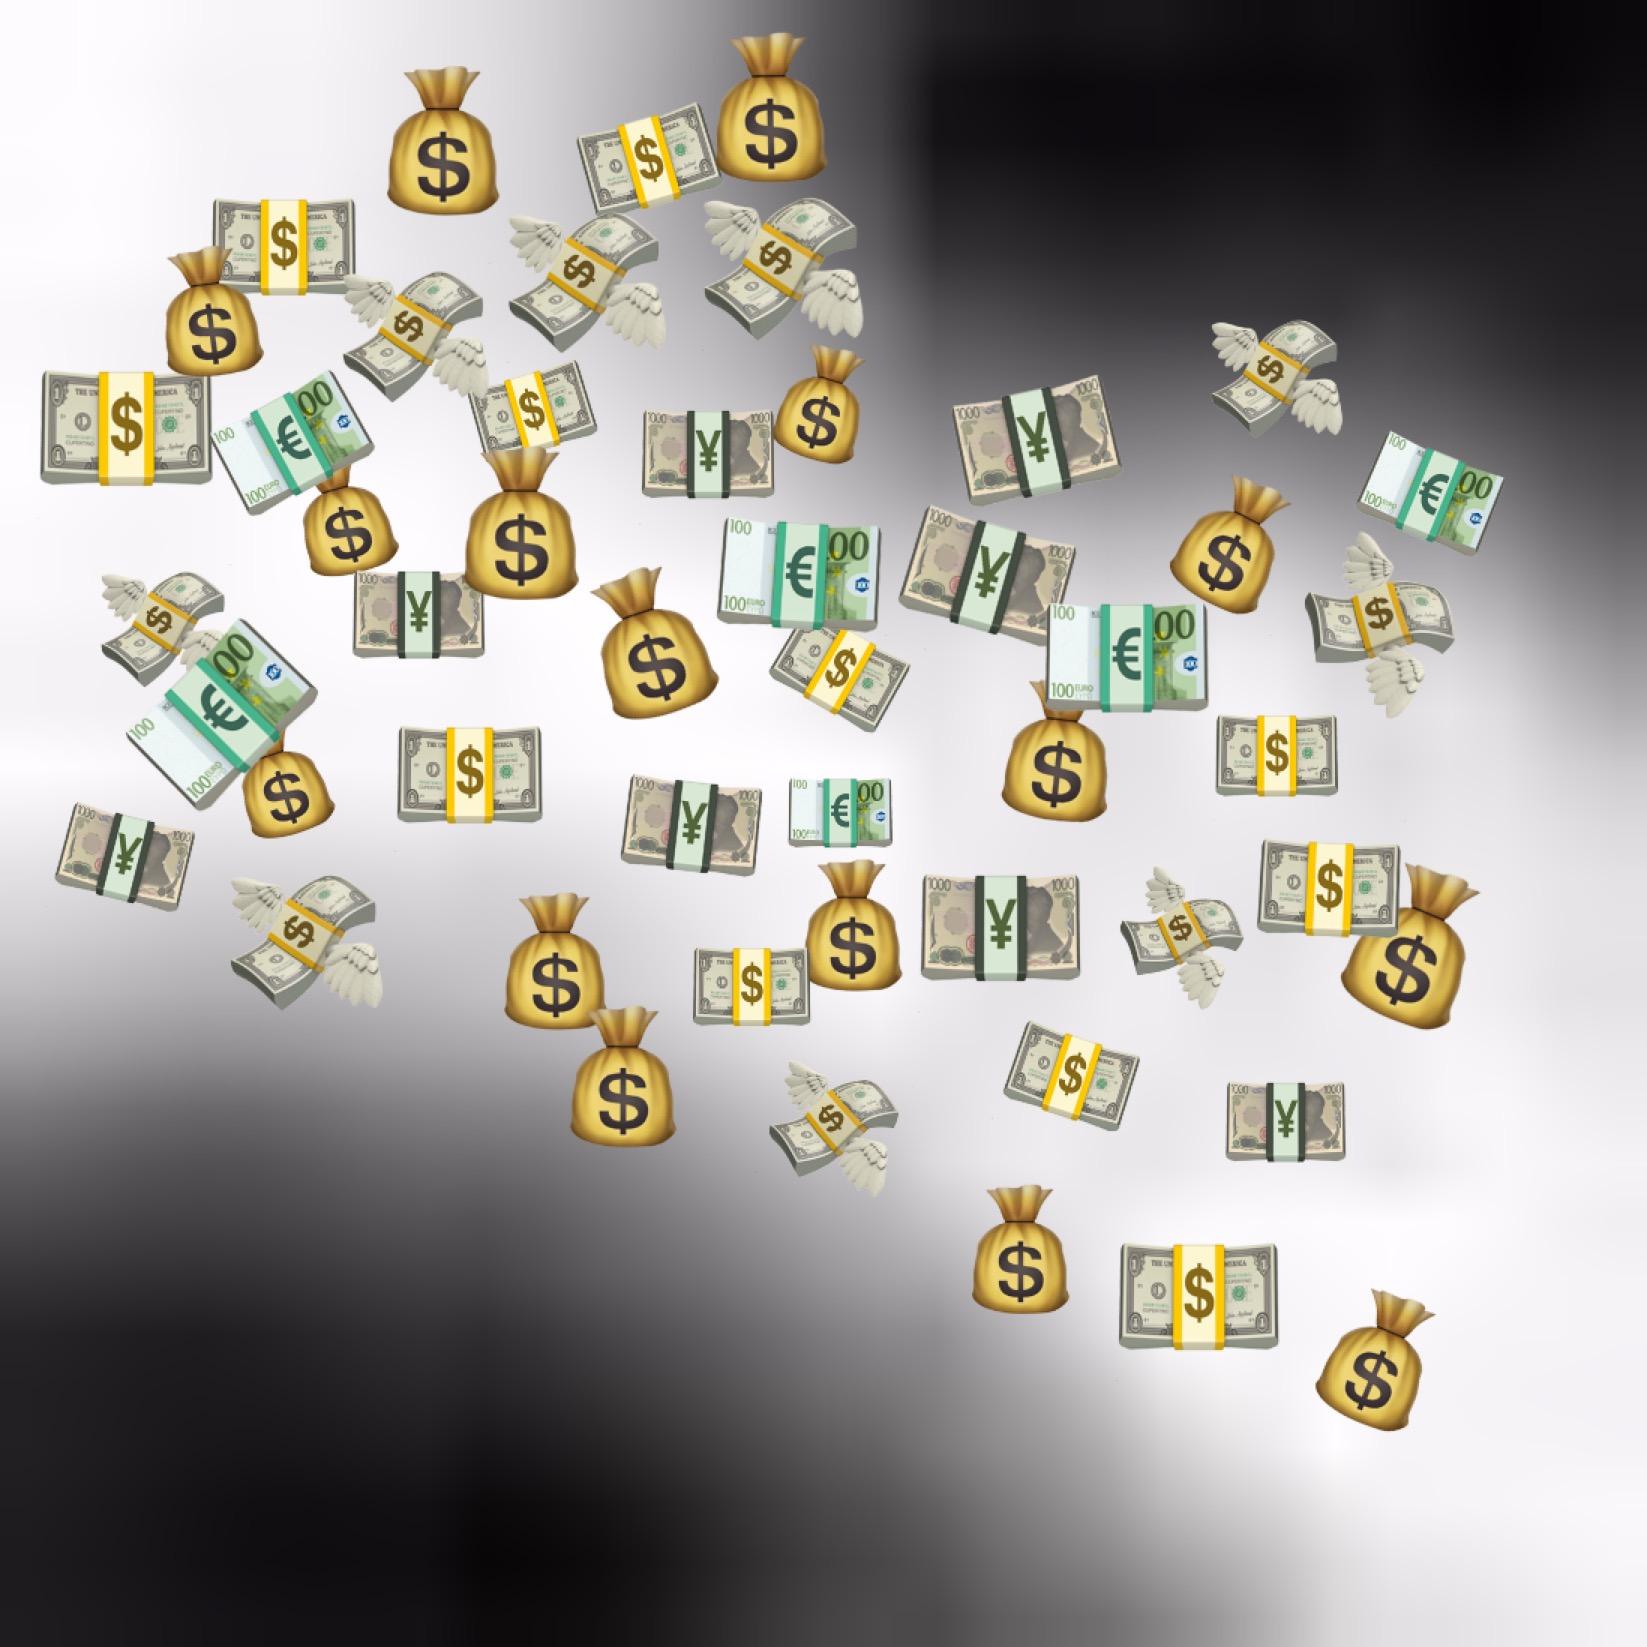 钱钱钱钱钱